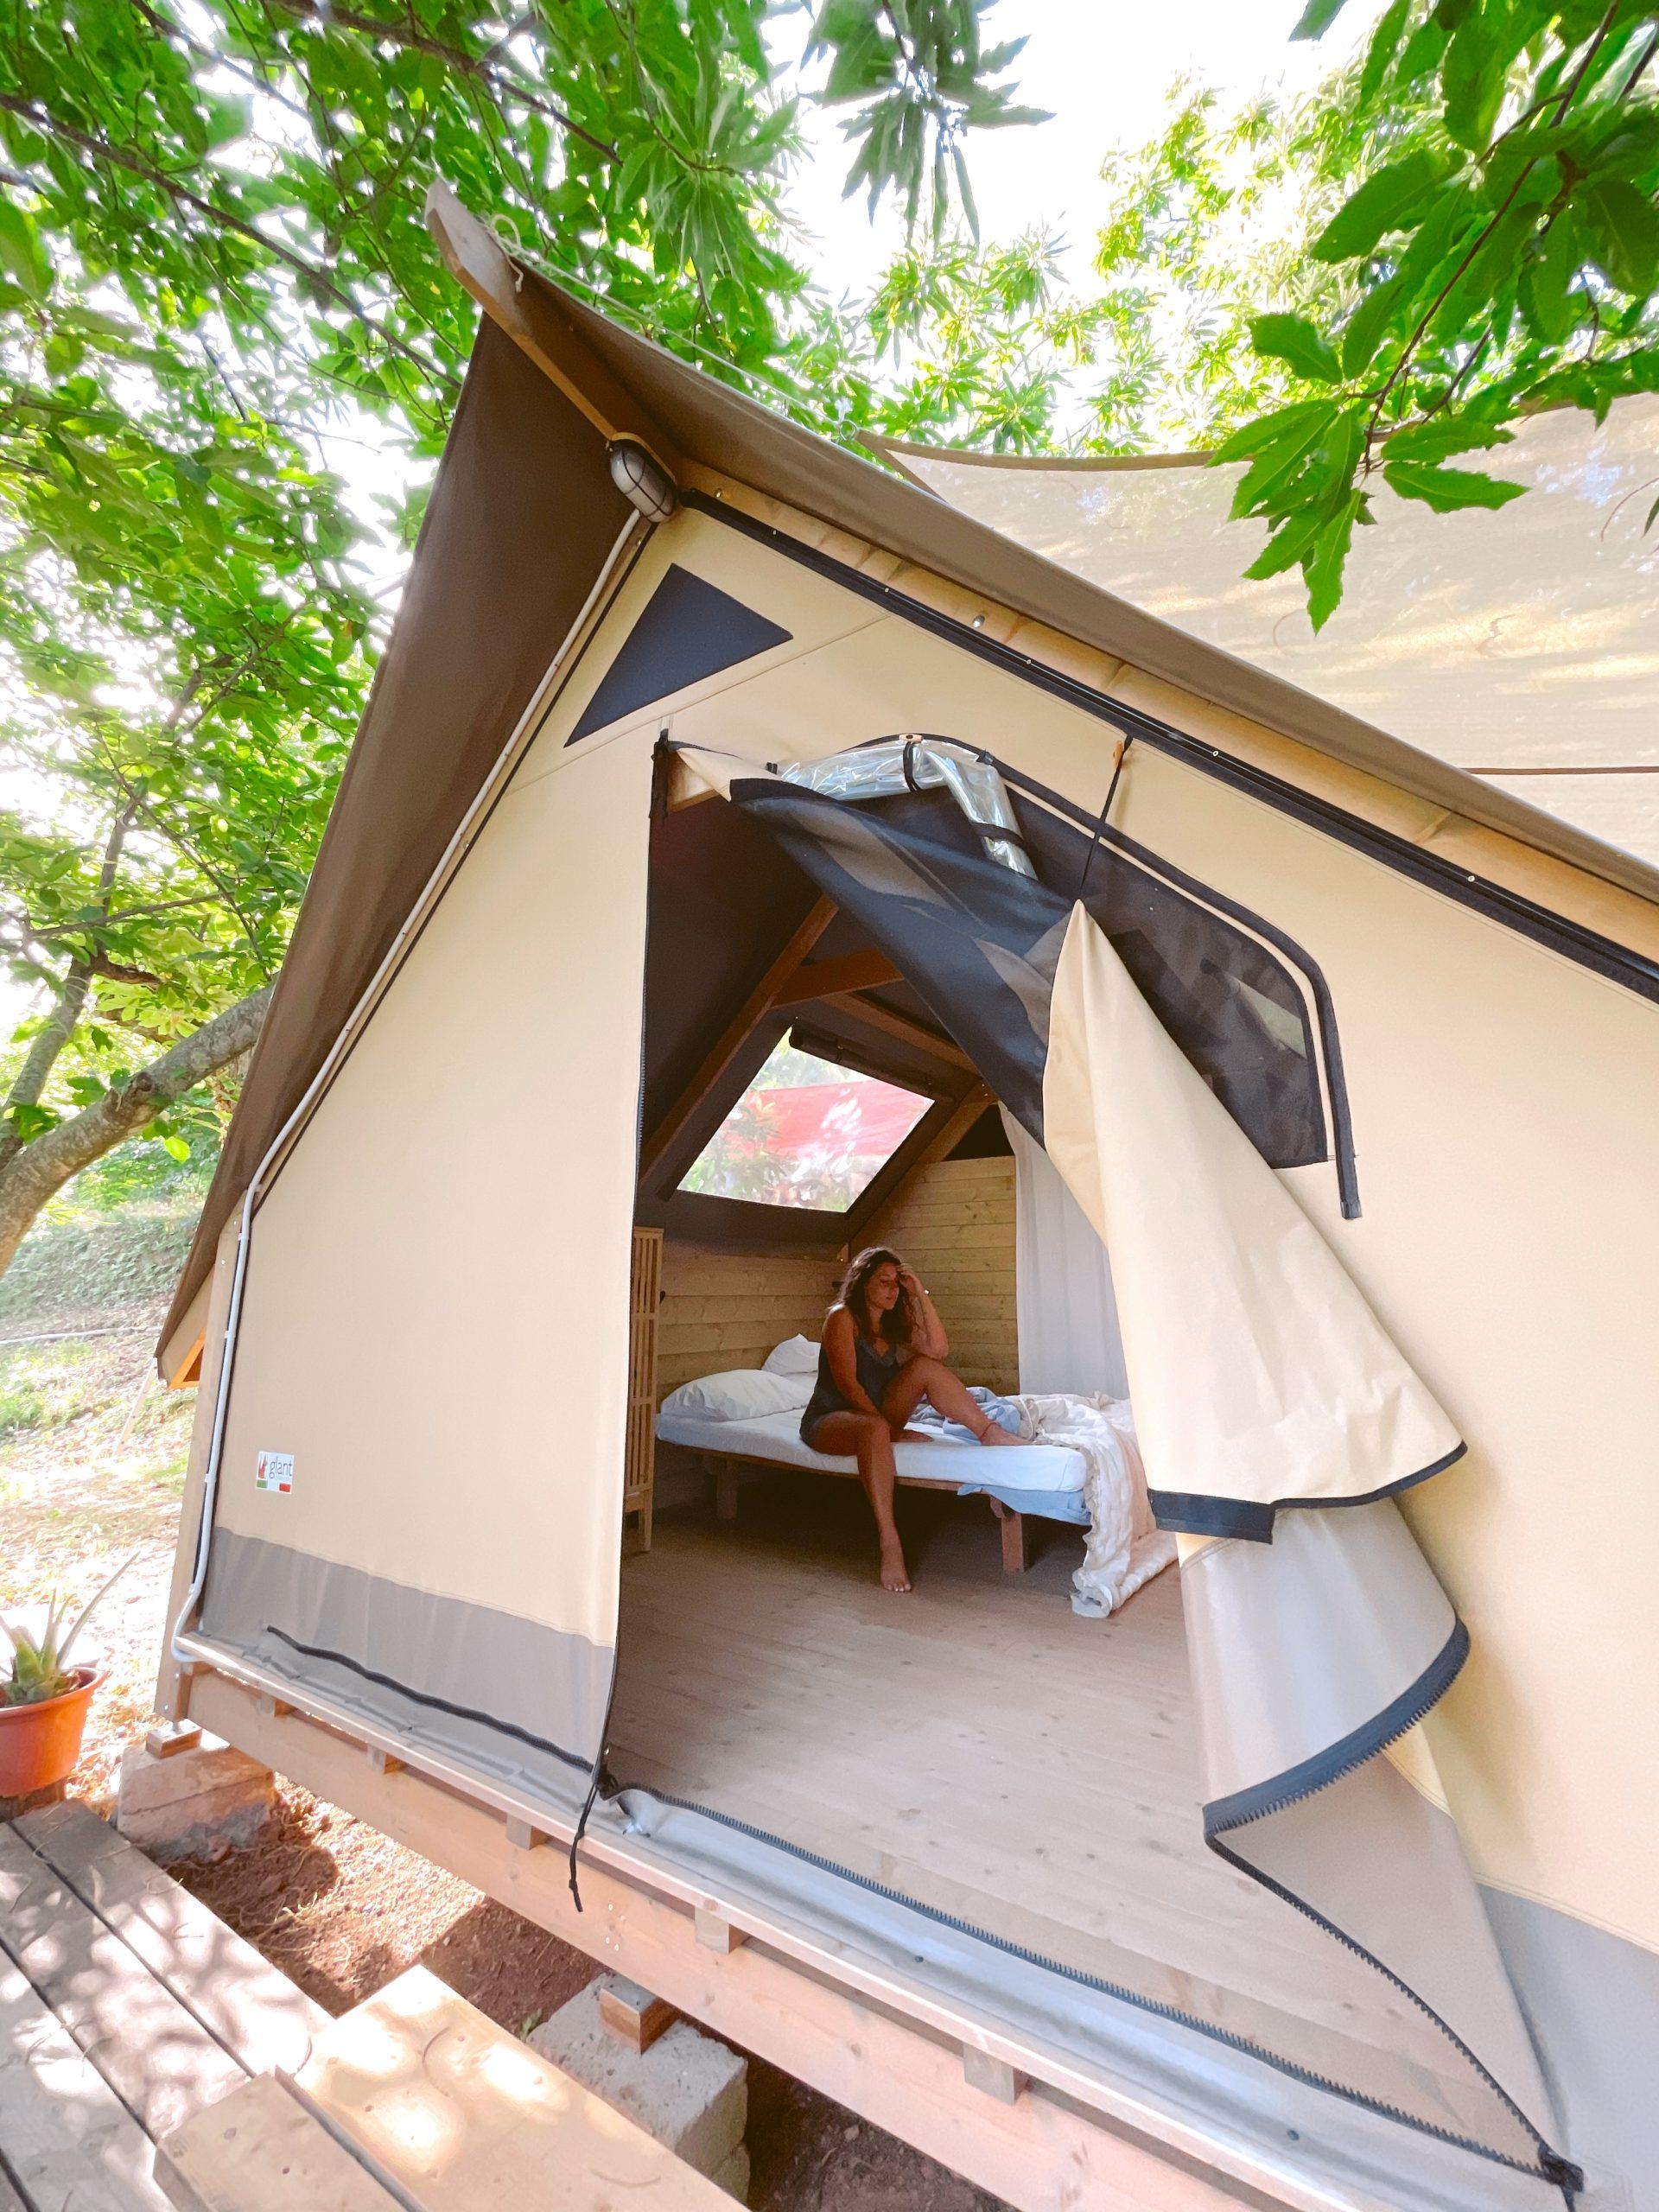 interno di una tenda glamping